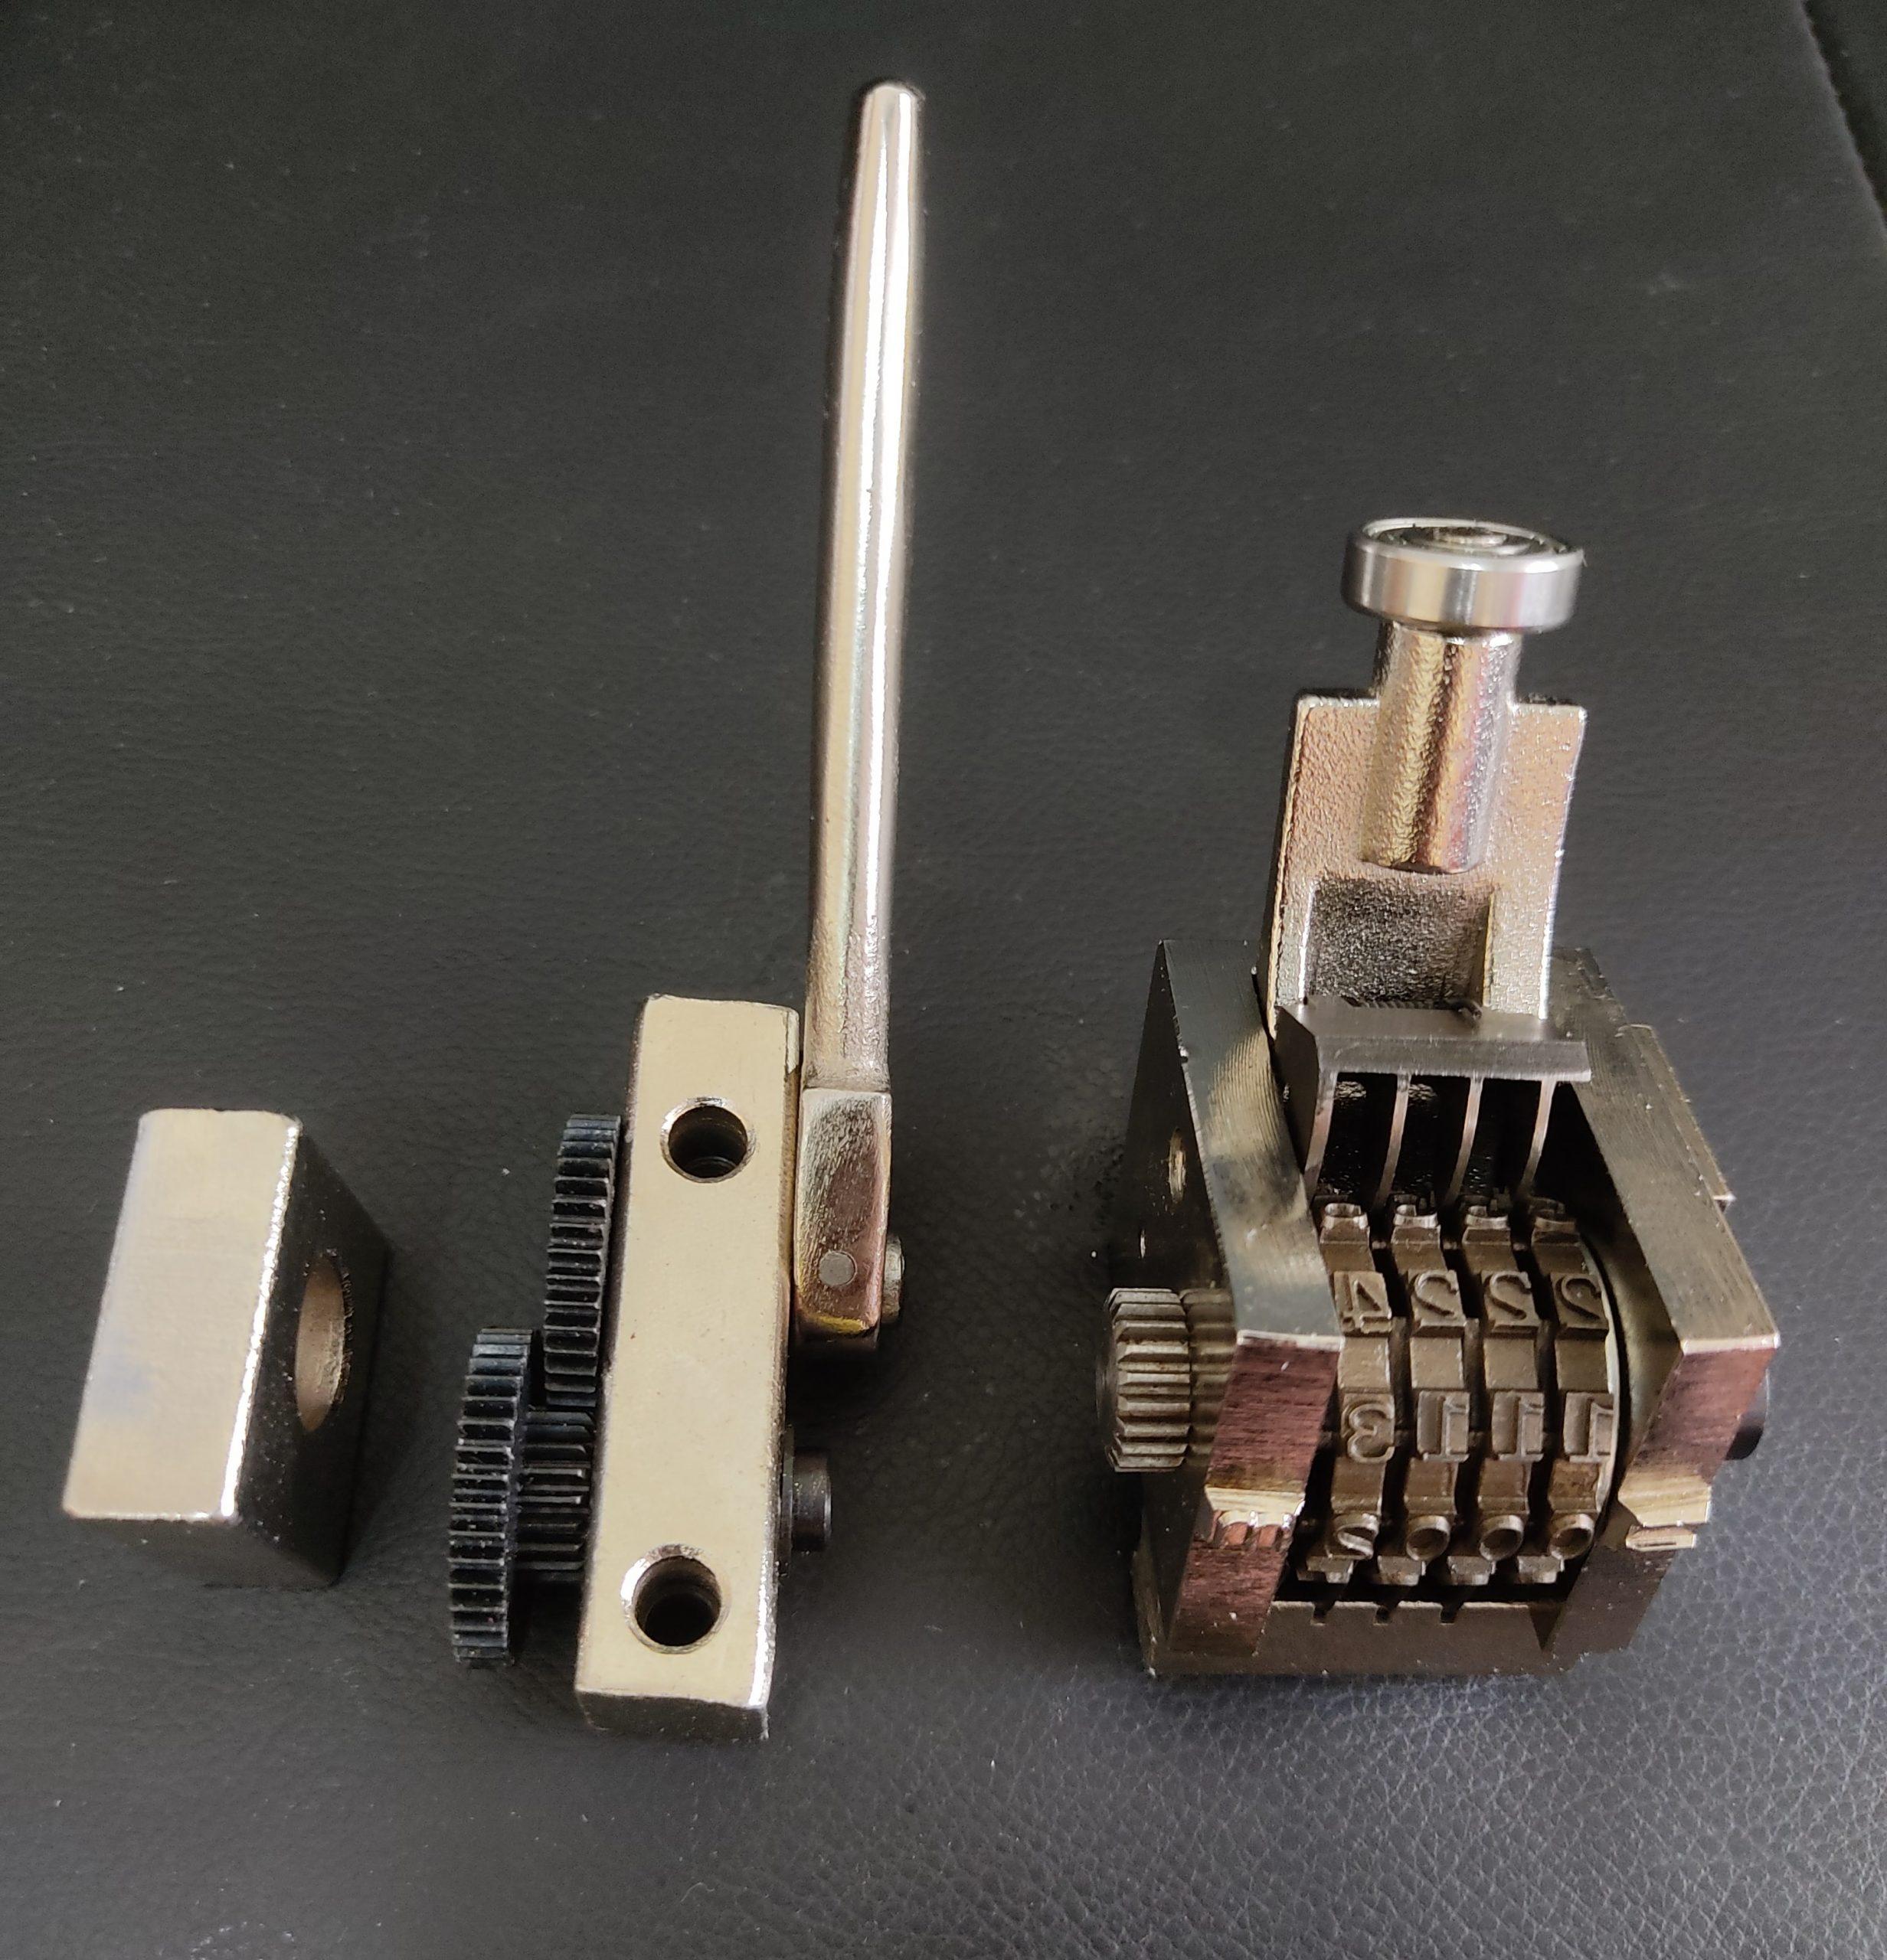 متر زن لوله پلی اتیلن از دو قسمت تشکیل شده و روی دستکاه مارک زن لوله پلی اتیلن نصب شده و به صورت مکانیکی کار می کند.